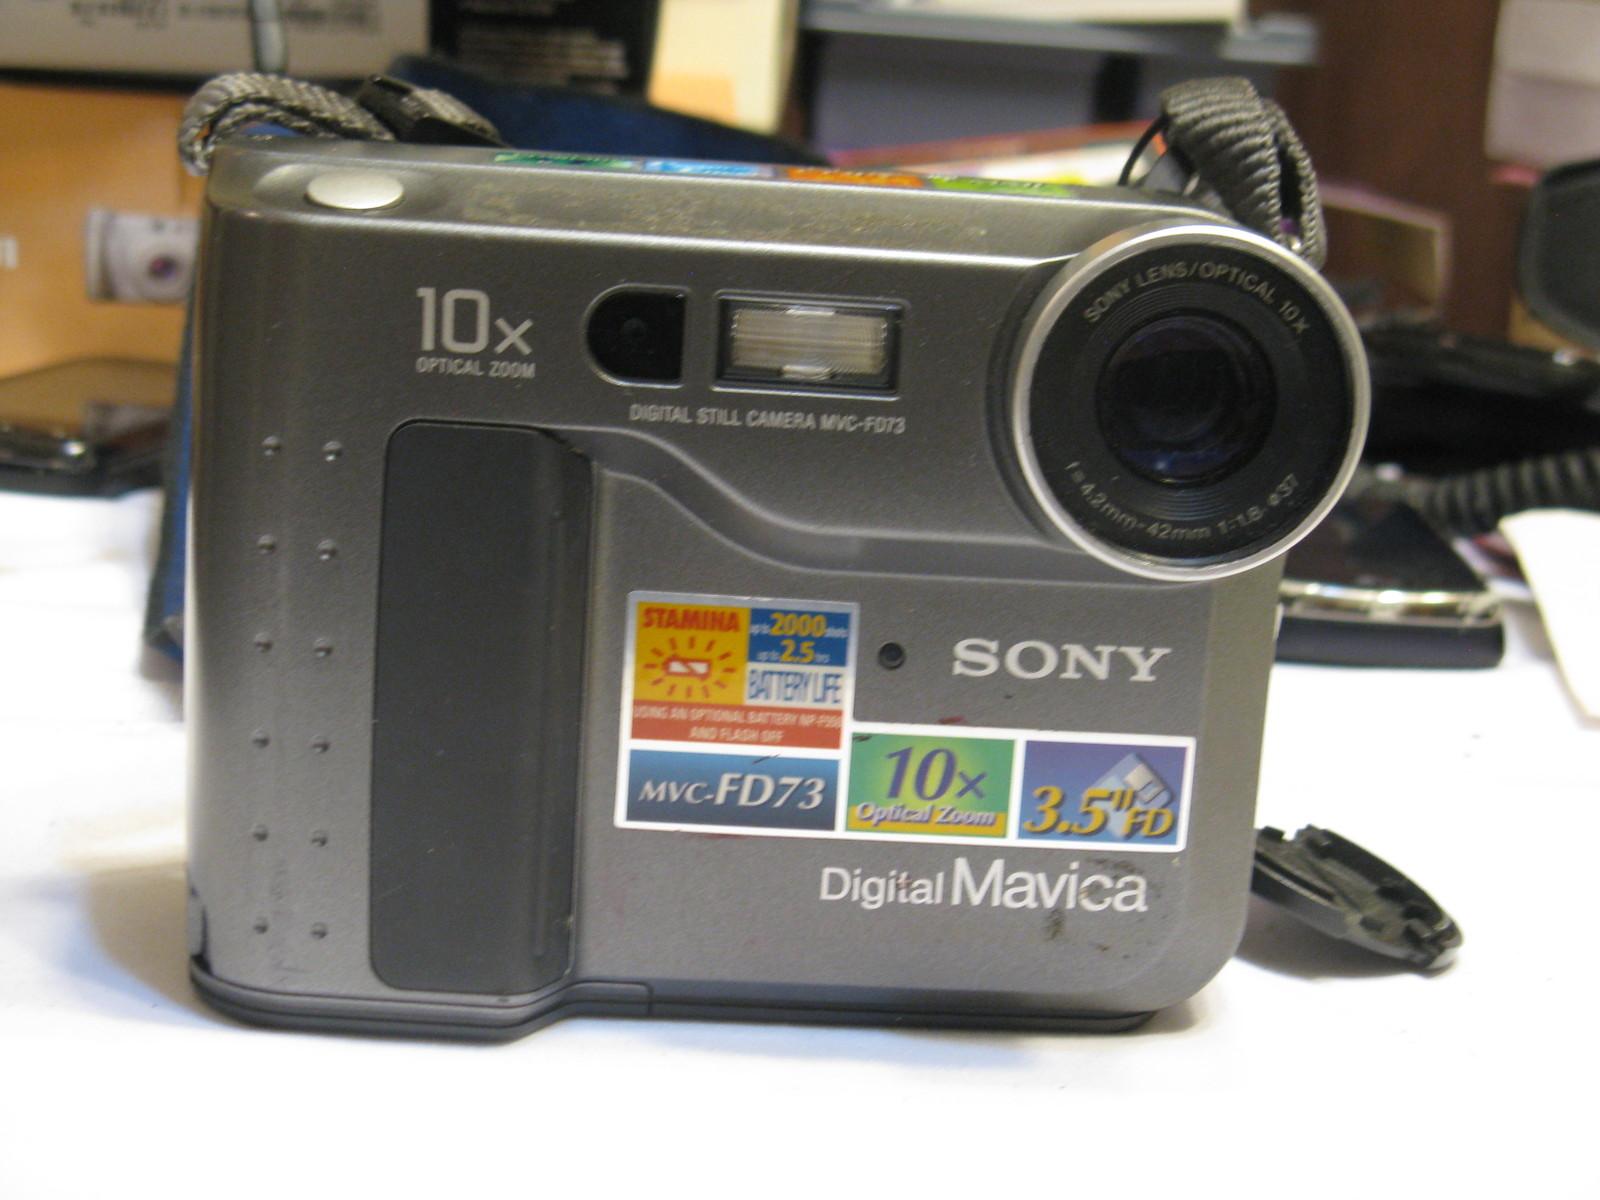 Цифровая камера с дискетой: обозреваем Sony Mavica MVC-FD73 - 2